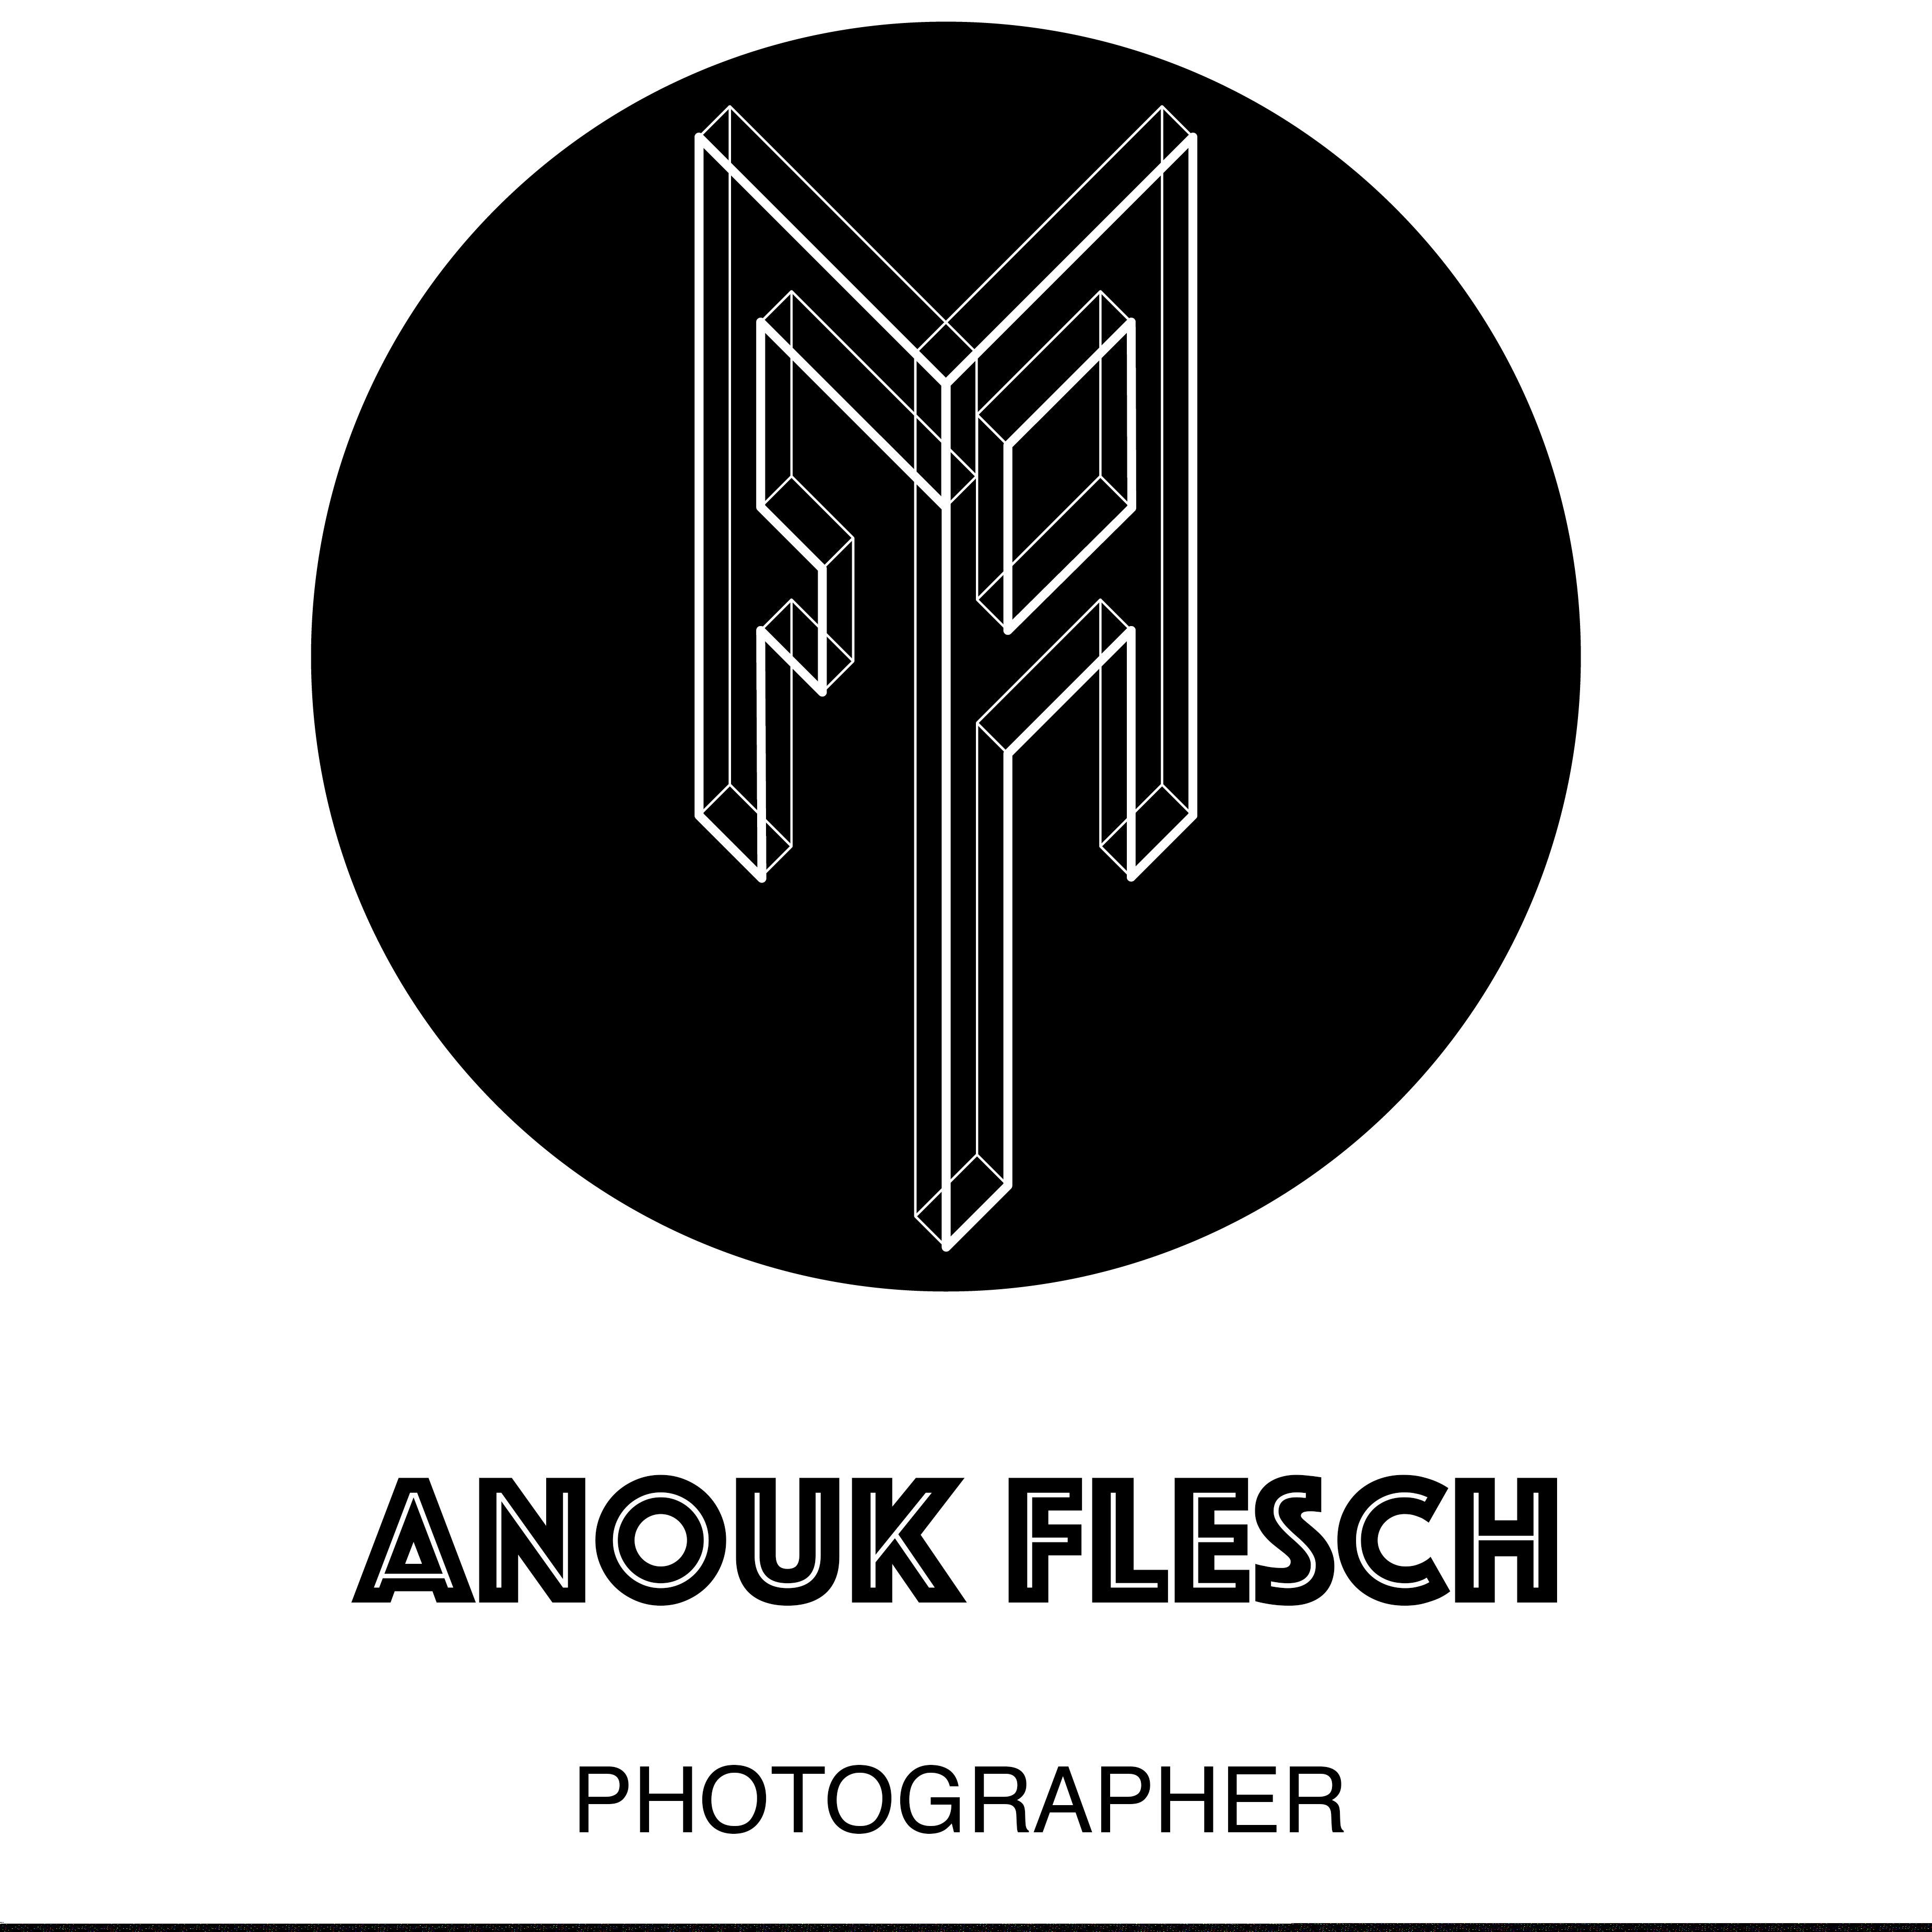 ANOUK FLESCH